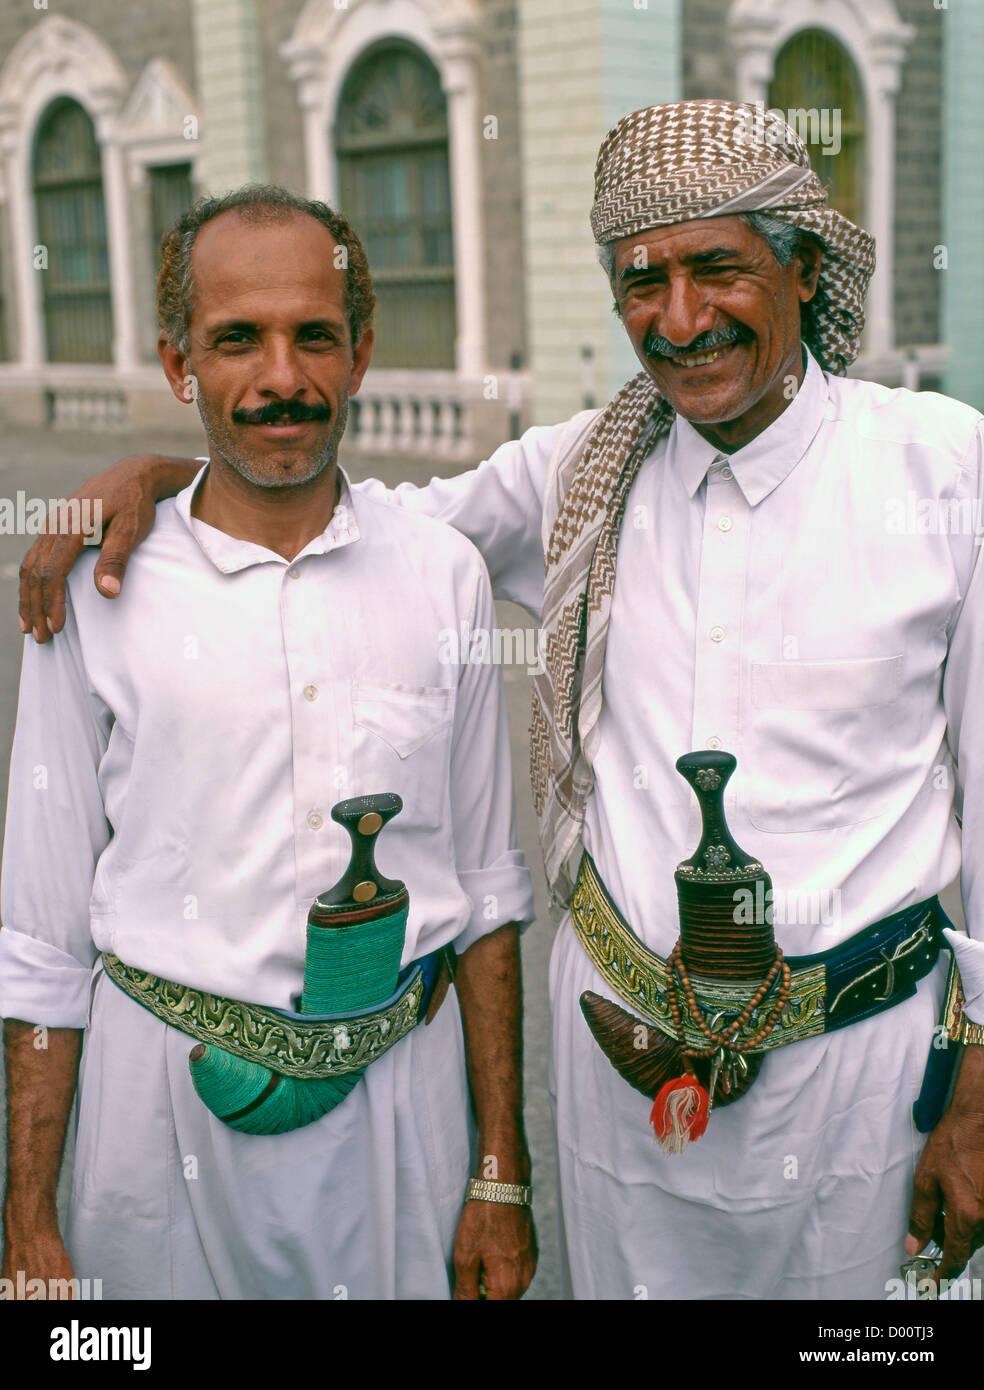 Yemen, Aden, two men, - Stock Image